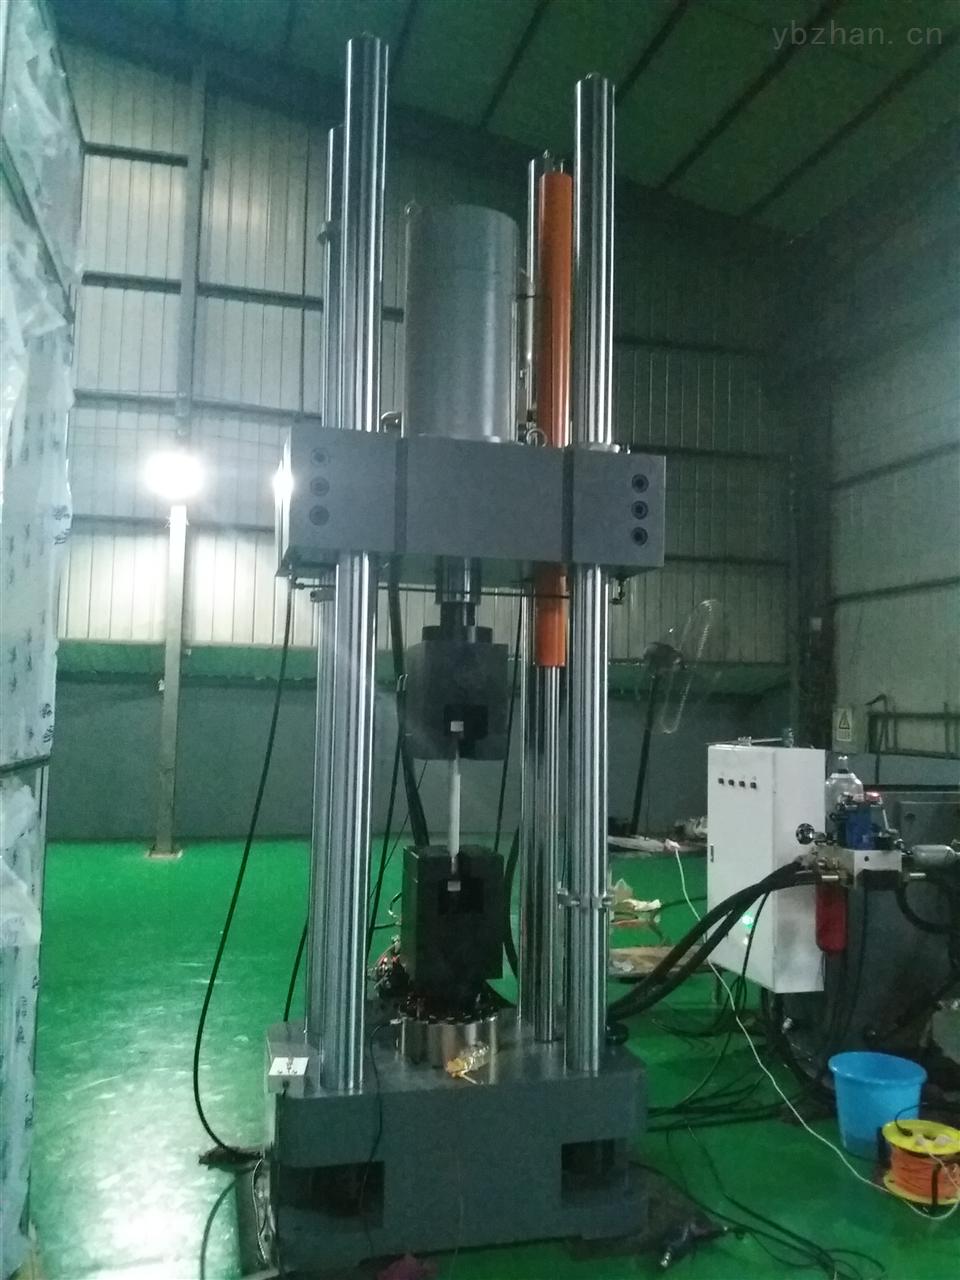 微机控制螺栓疲劳试验机